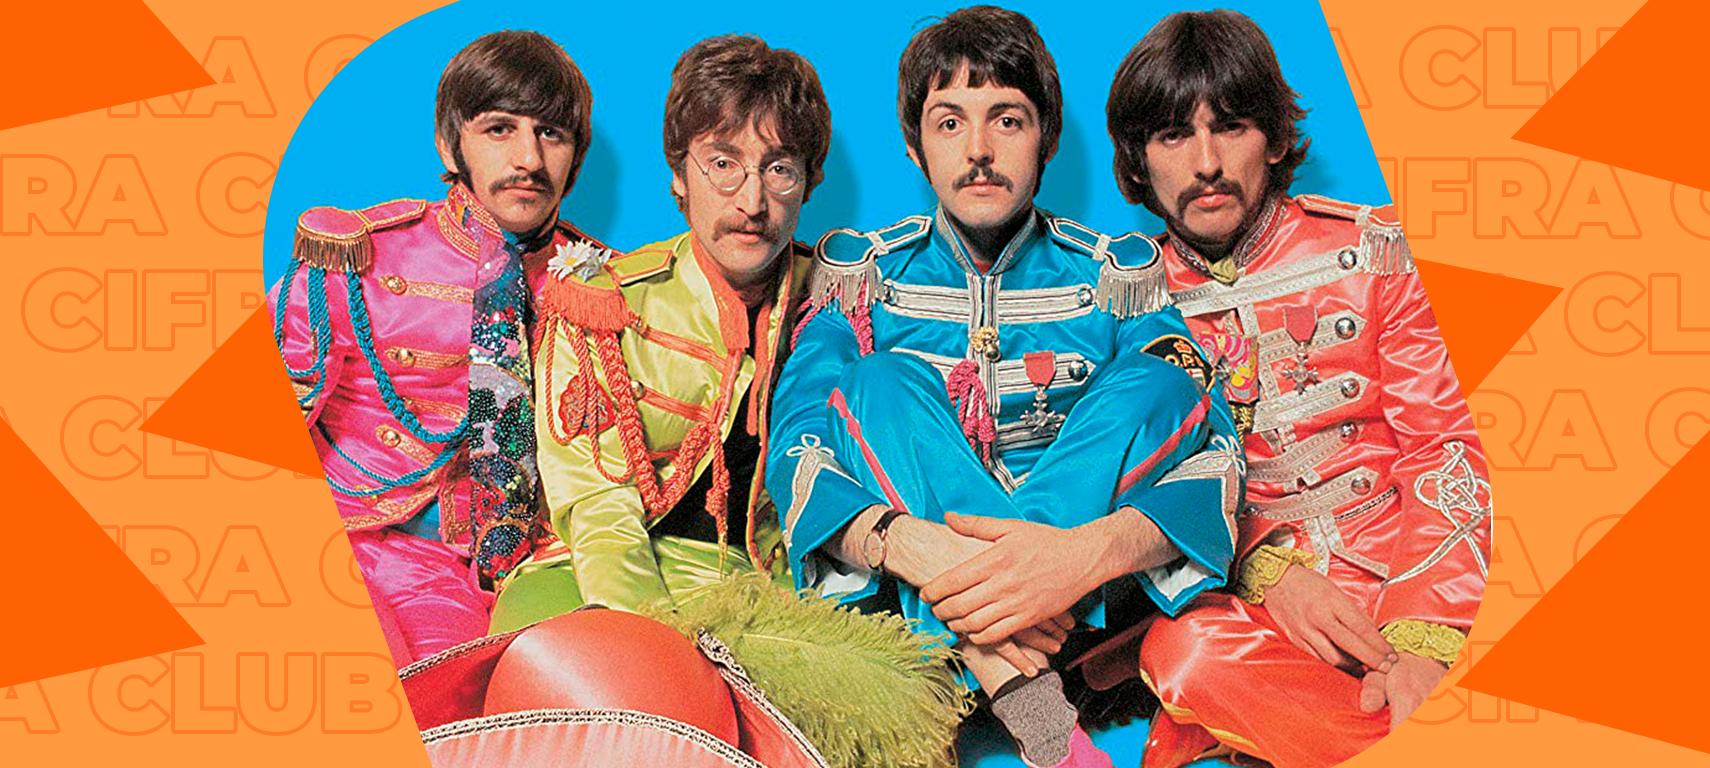 Músicas dos Beatles: aprenda a tocar as melhores | Blog do Cifra Club